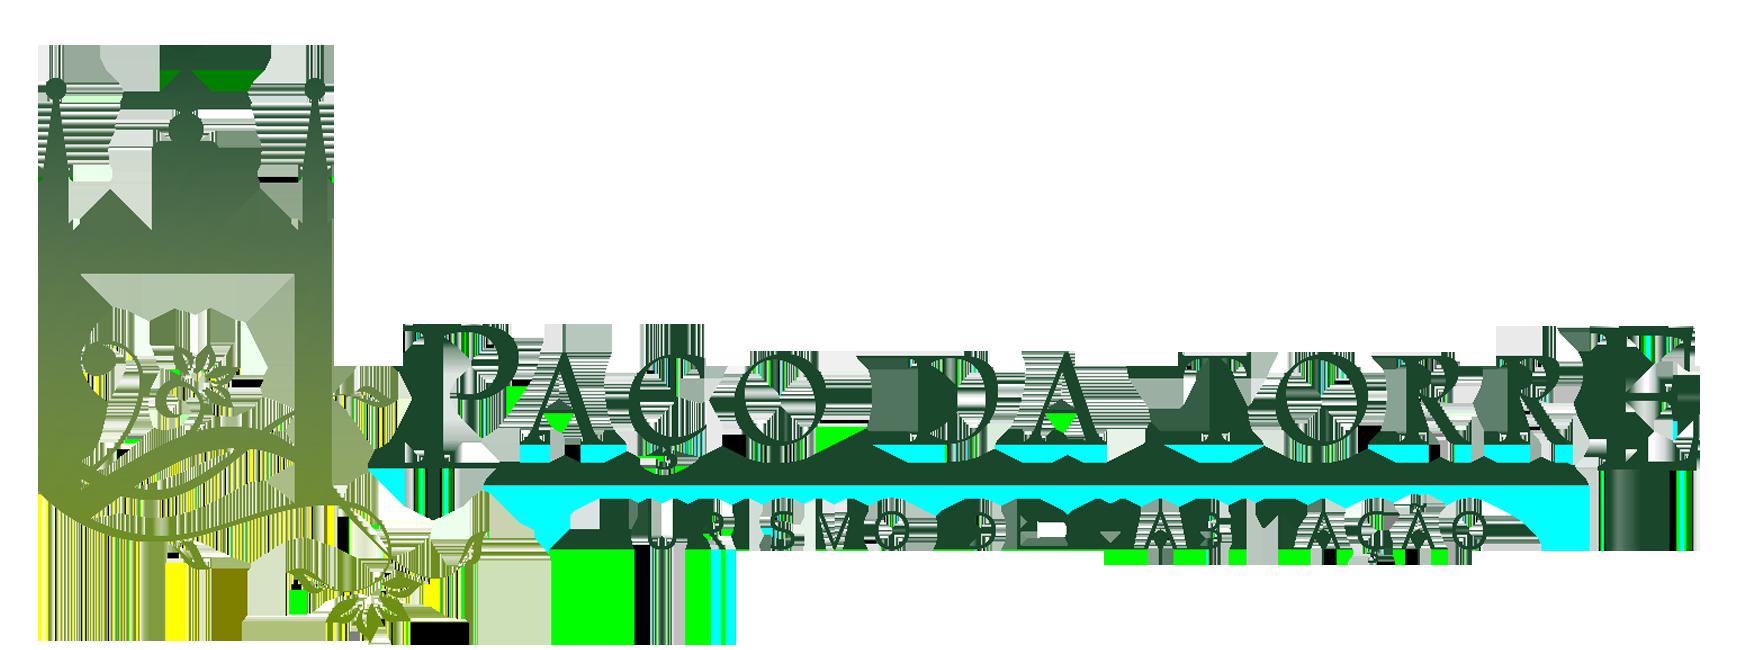 Paço da Torre - Portugal